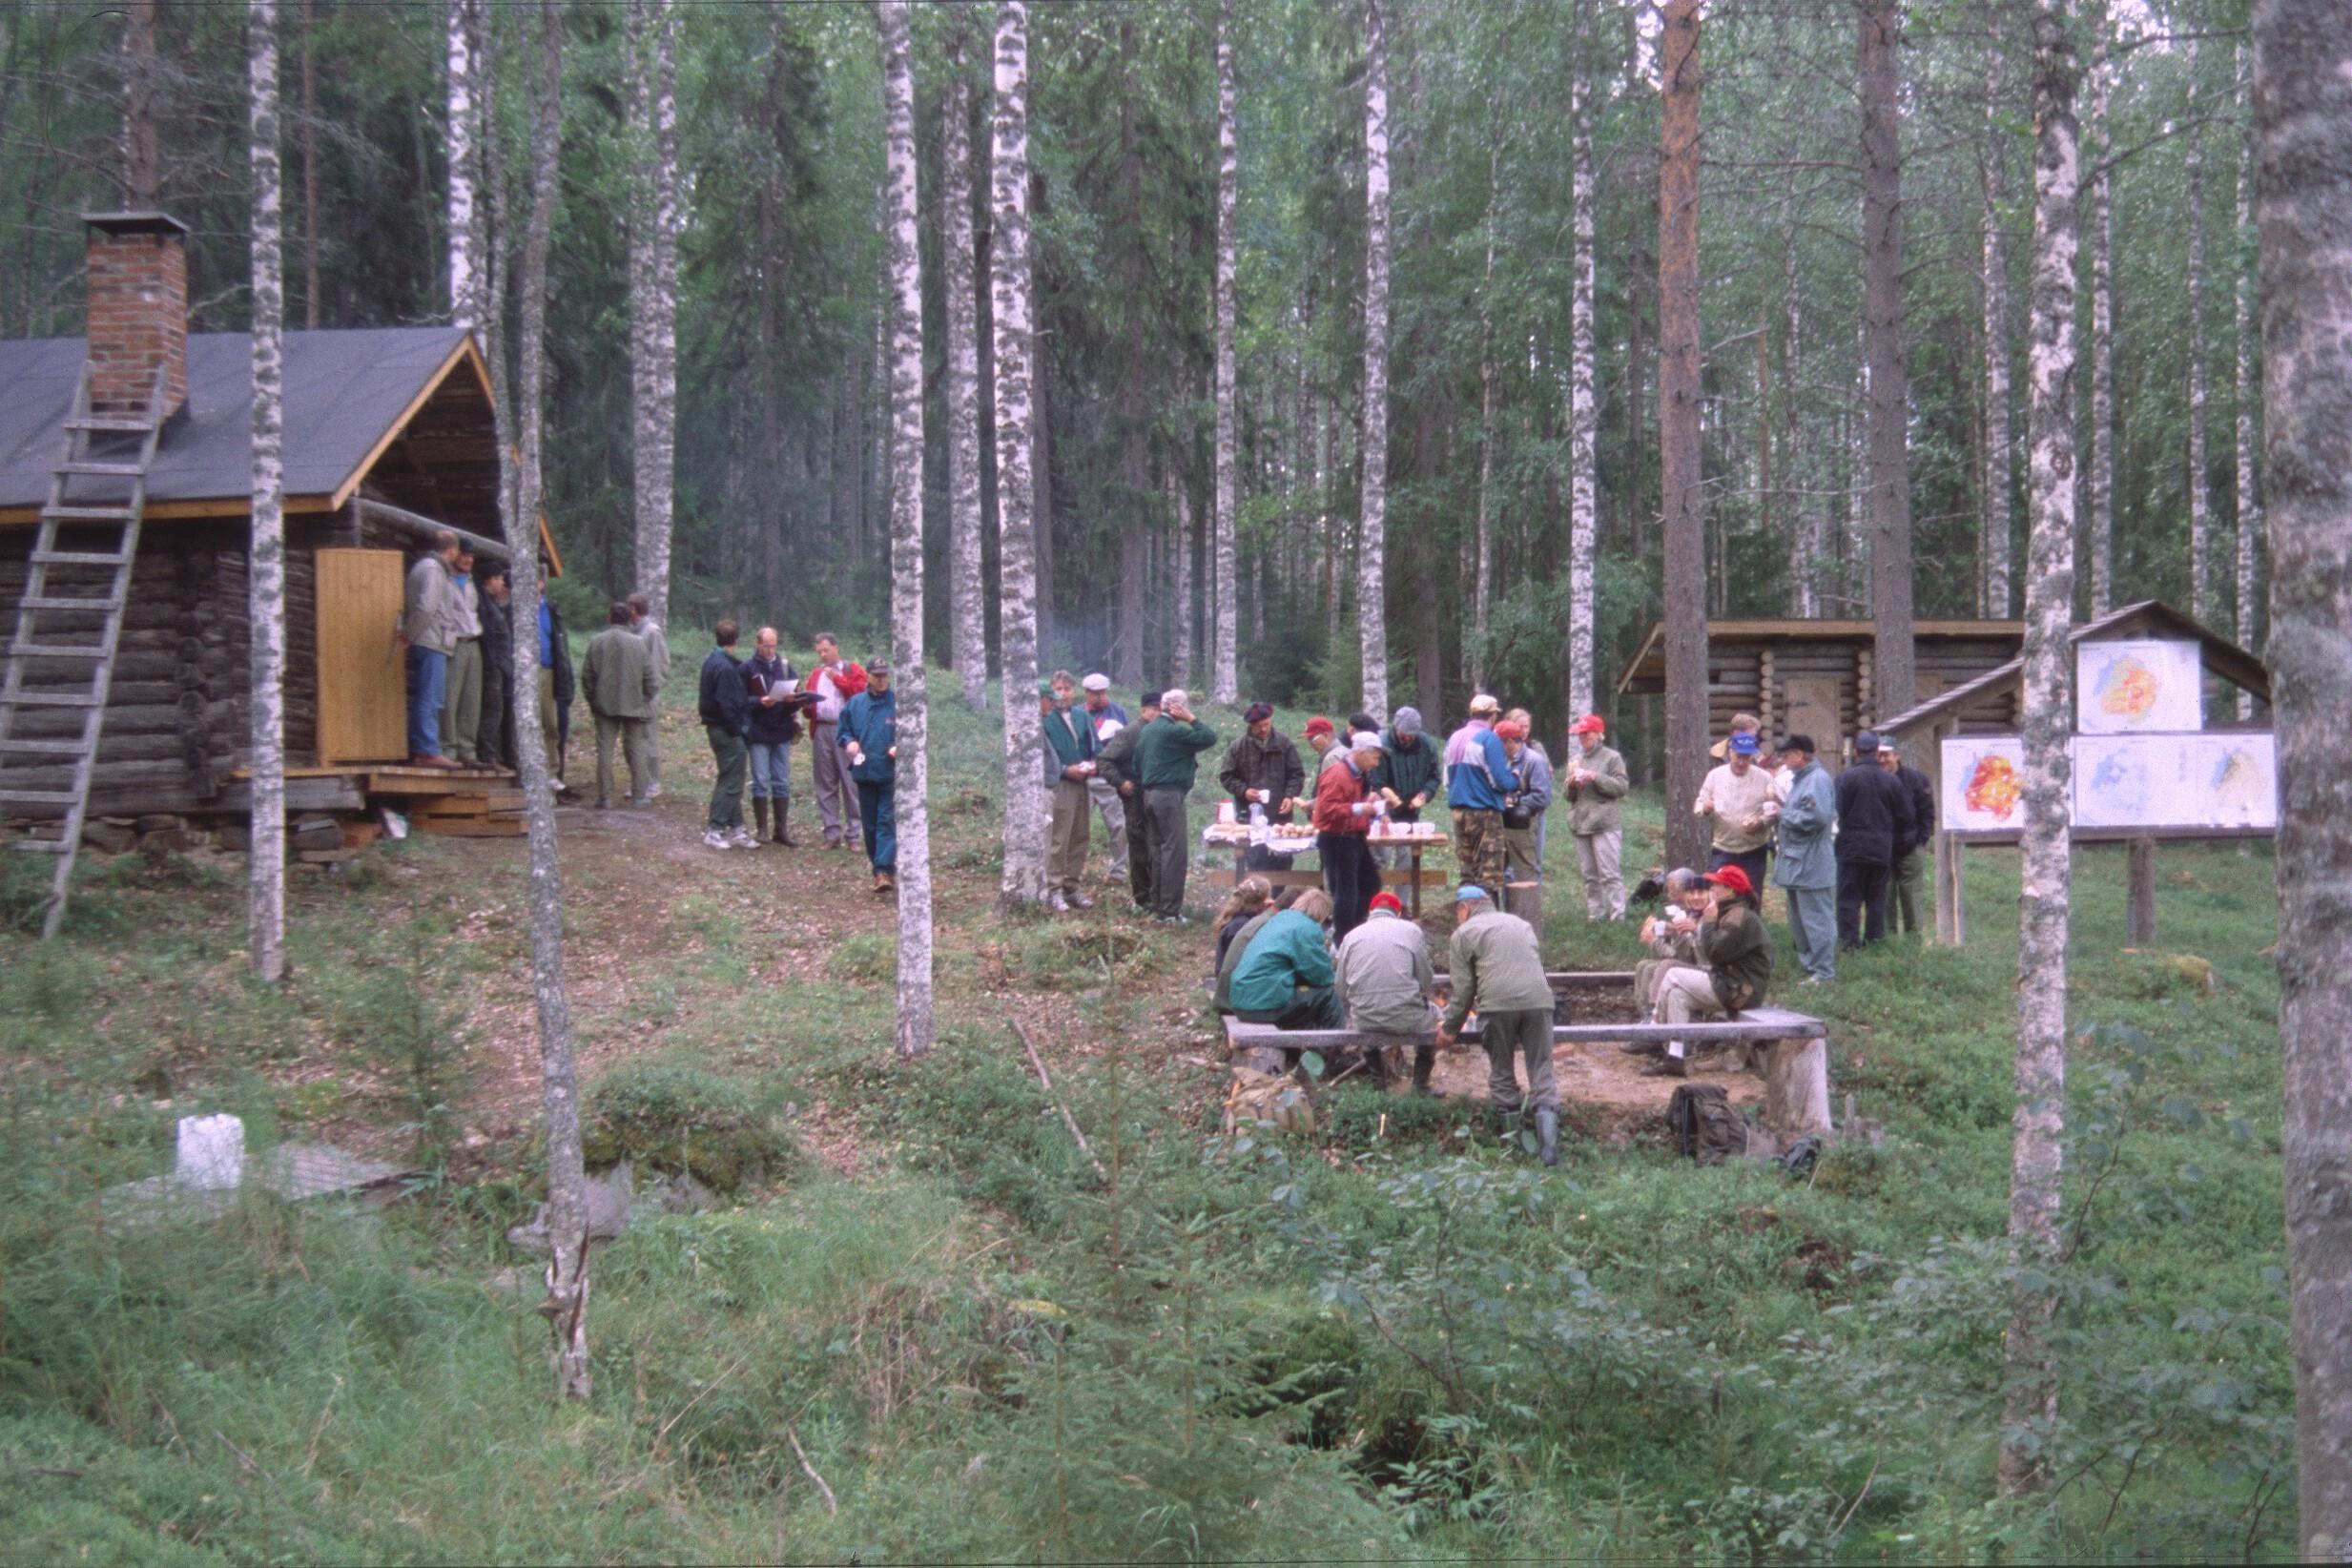 Retkeily,_Lapin_metsänhoitajat_70_v,_Sirenin_kämppä,_Kaihuavaara_14.8.1997